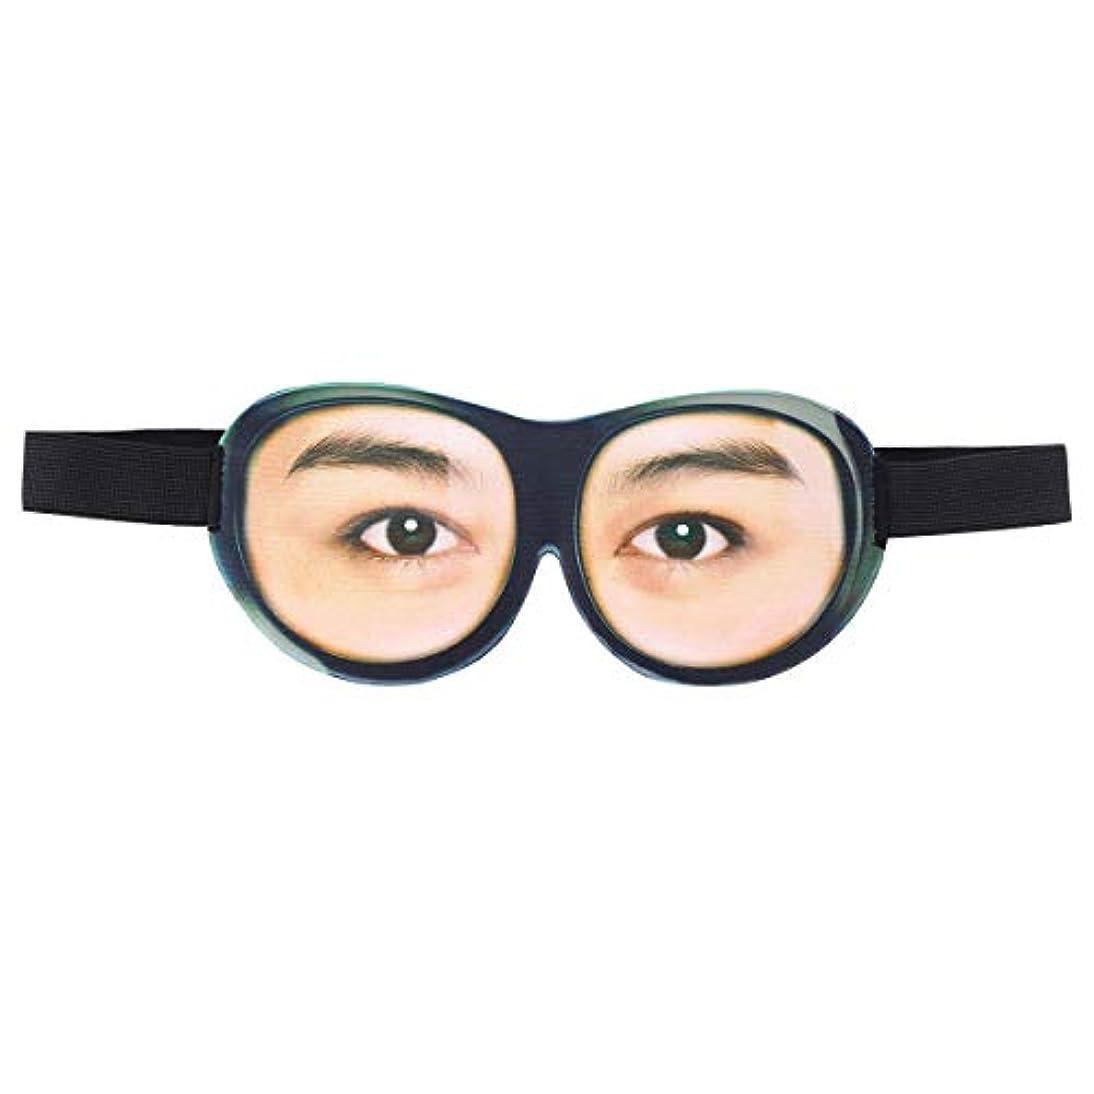 絶妙まもなく悪化するHealifty 3D面白いアイシェード睡眠マスク旅行アイマスク目隠し睡眠ヘルパーアイシェード男性女性旅行昼寝と深い眠り(優しいふりをする)